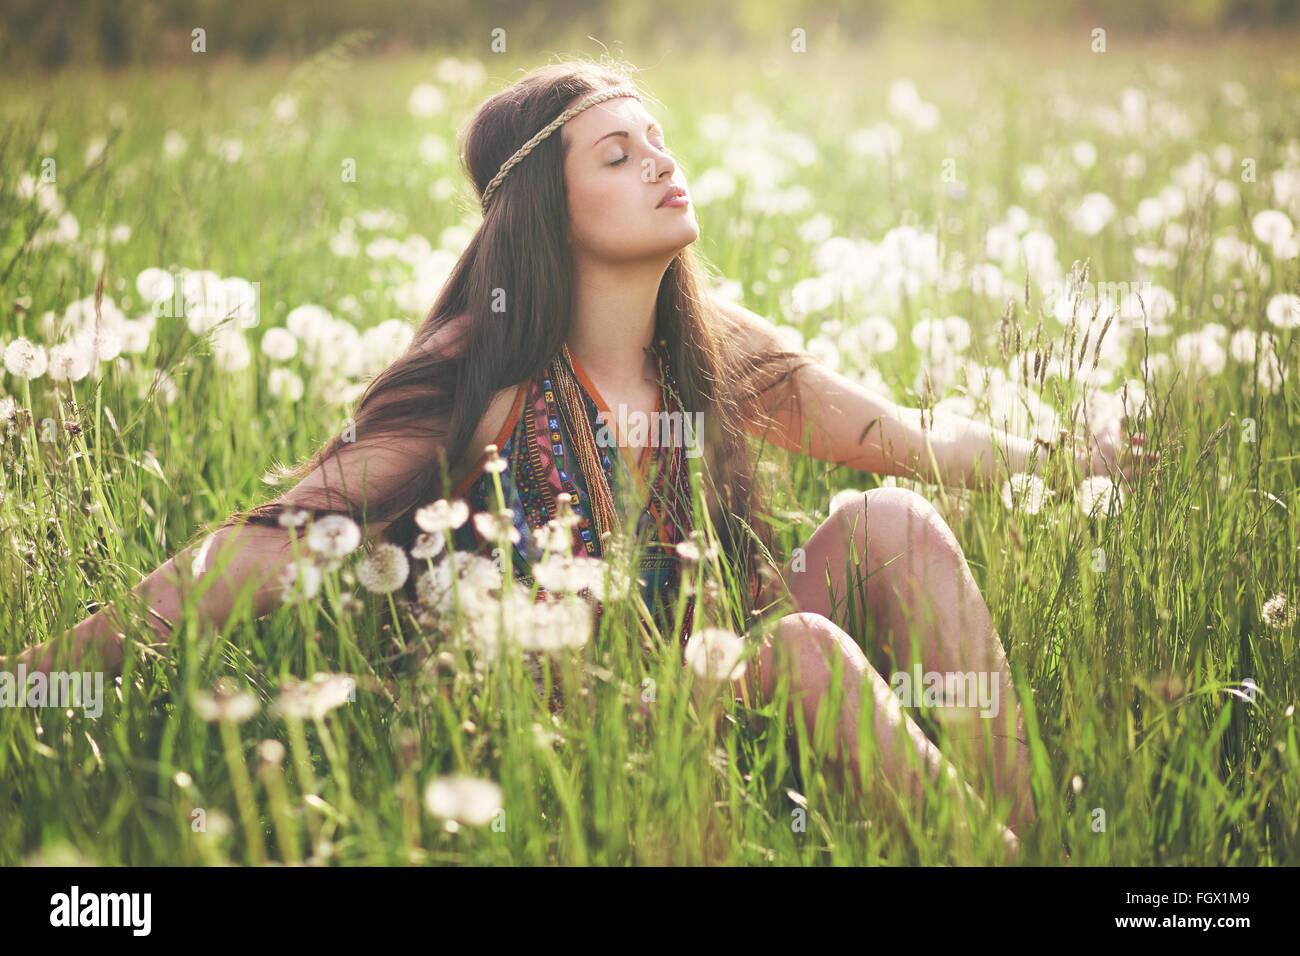 Belle femme hippie bénéficiant de la lumière du soleil dans la prairie fleurie. Harmonie avec la Photo Stock